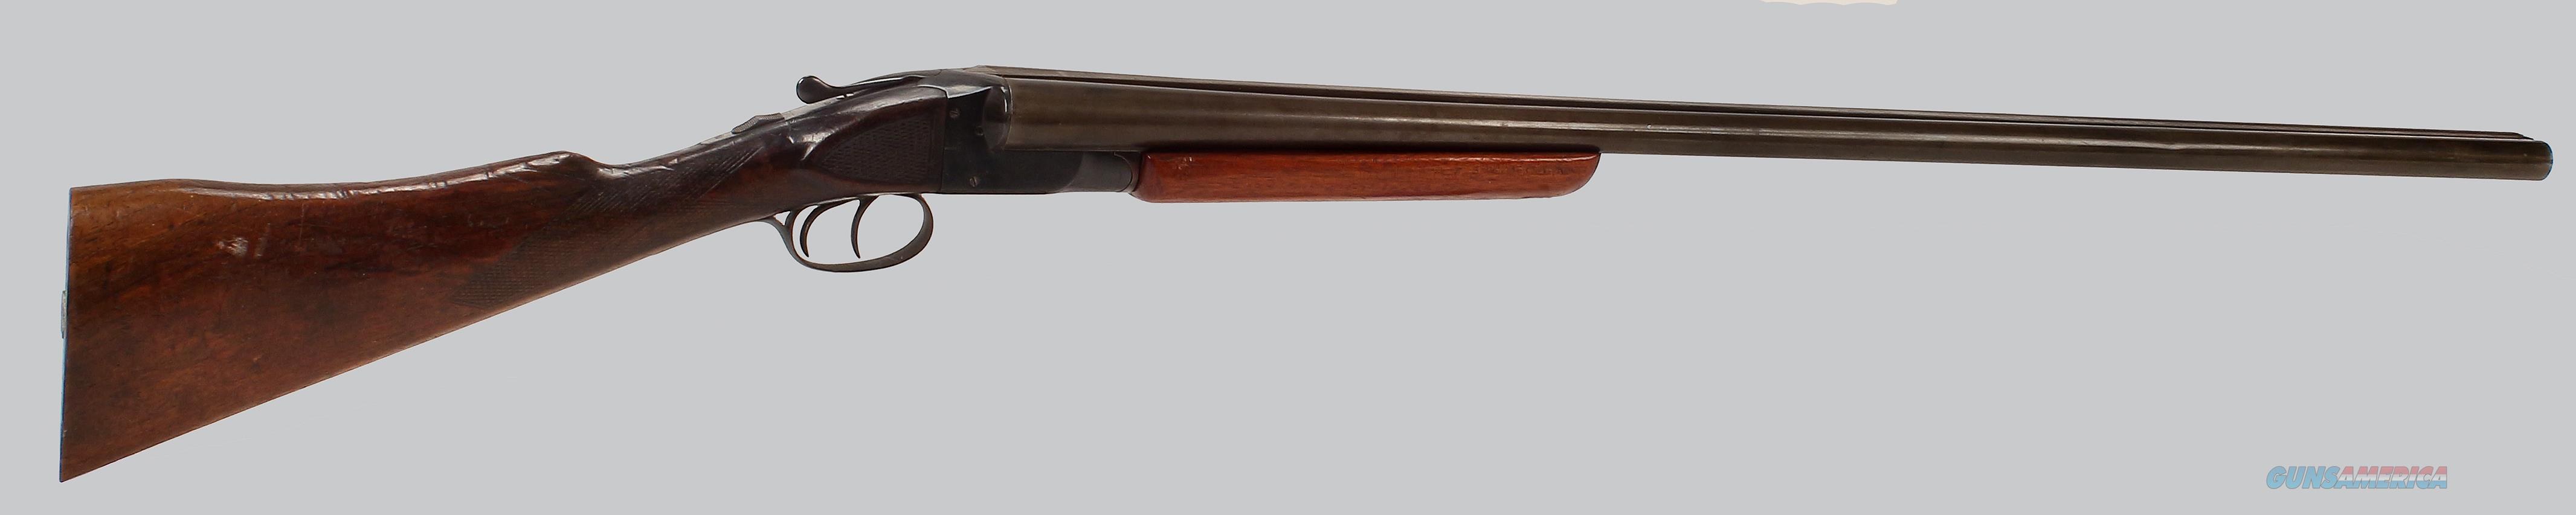 Hibspebar SxS 12ga Shotgun  Guns > Shotguns > H Misc Shotguns